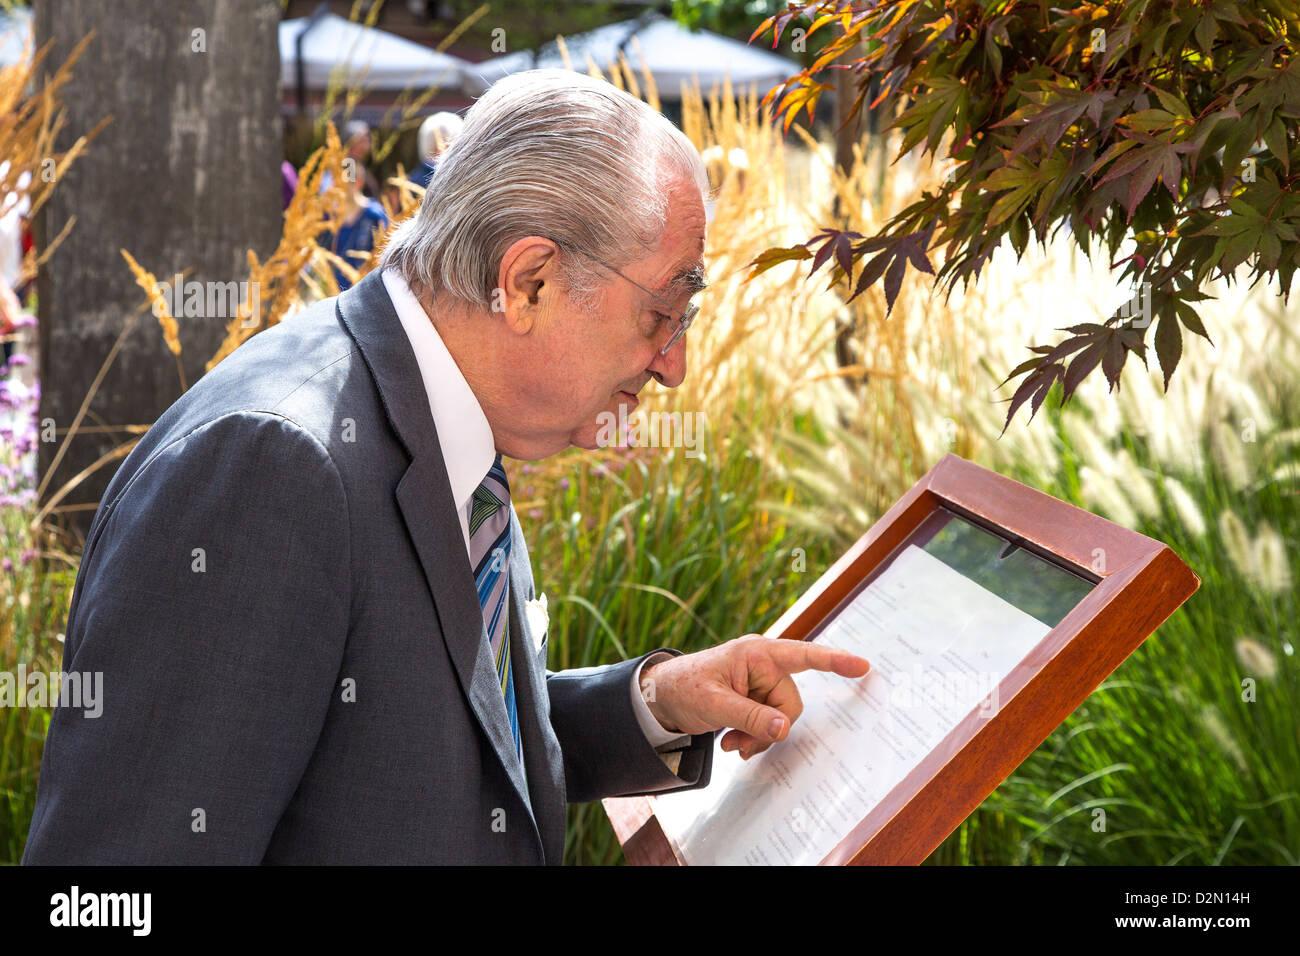 Gualtiero Marchesi, renowned Italian chef. - Stock Image